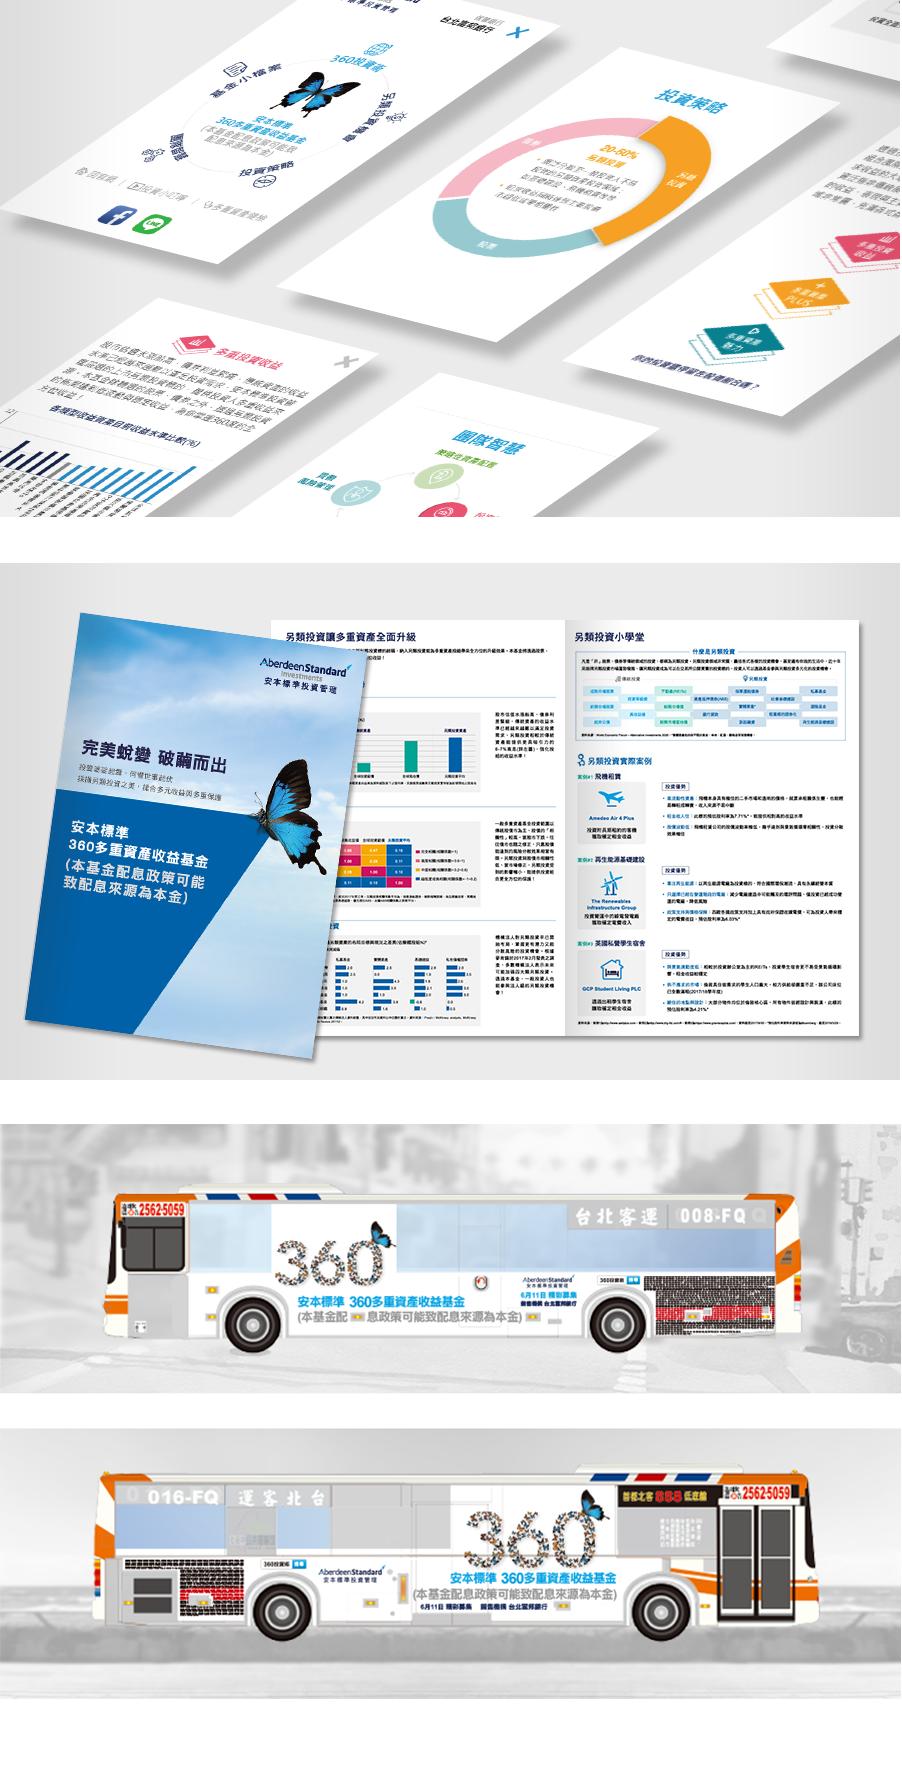 安本標準投資管理 360多重資產收益基金 活動網站